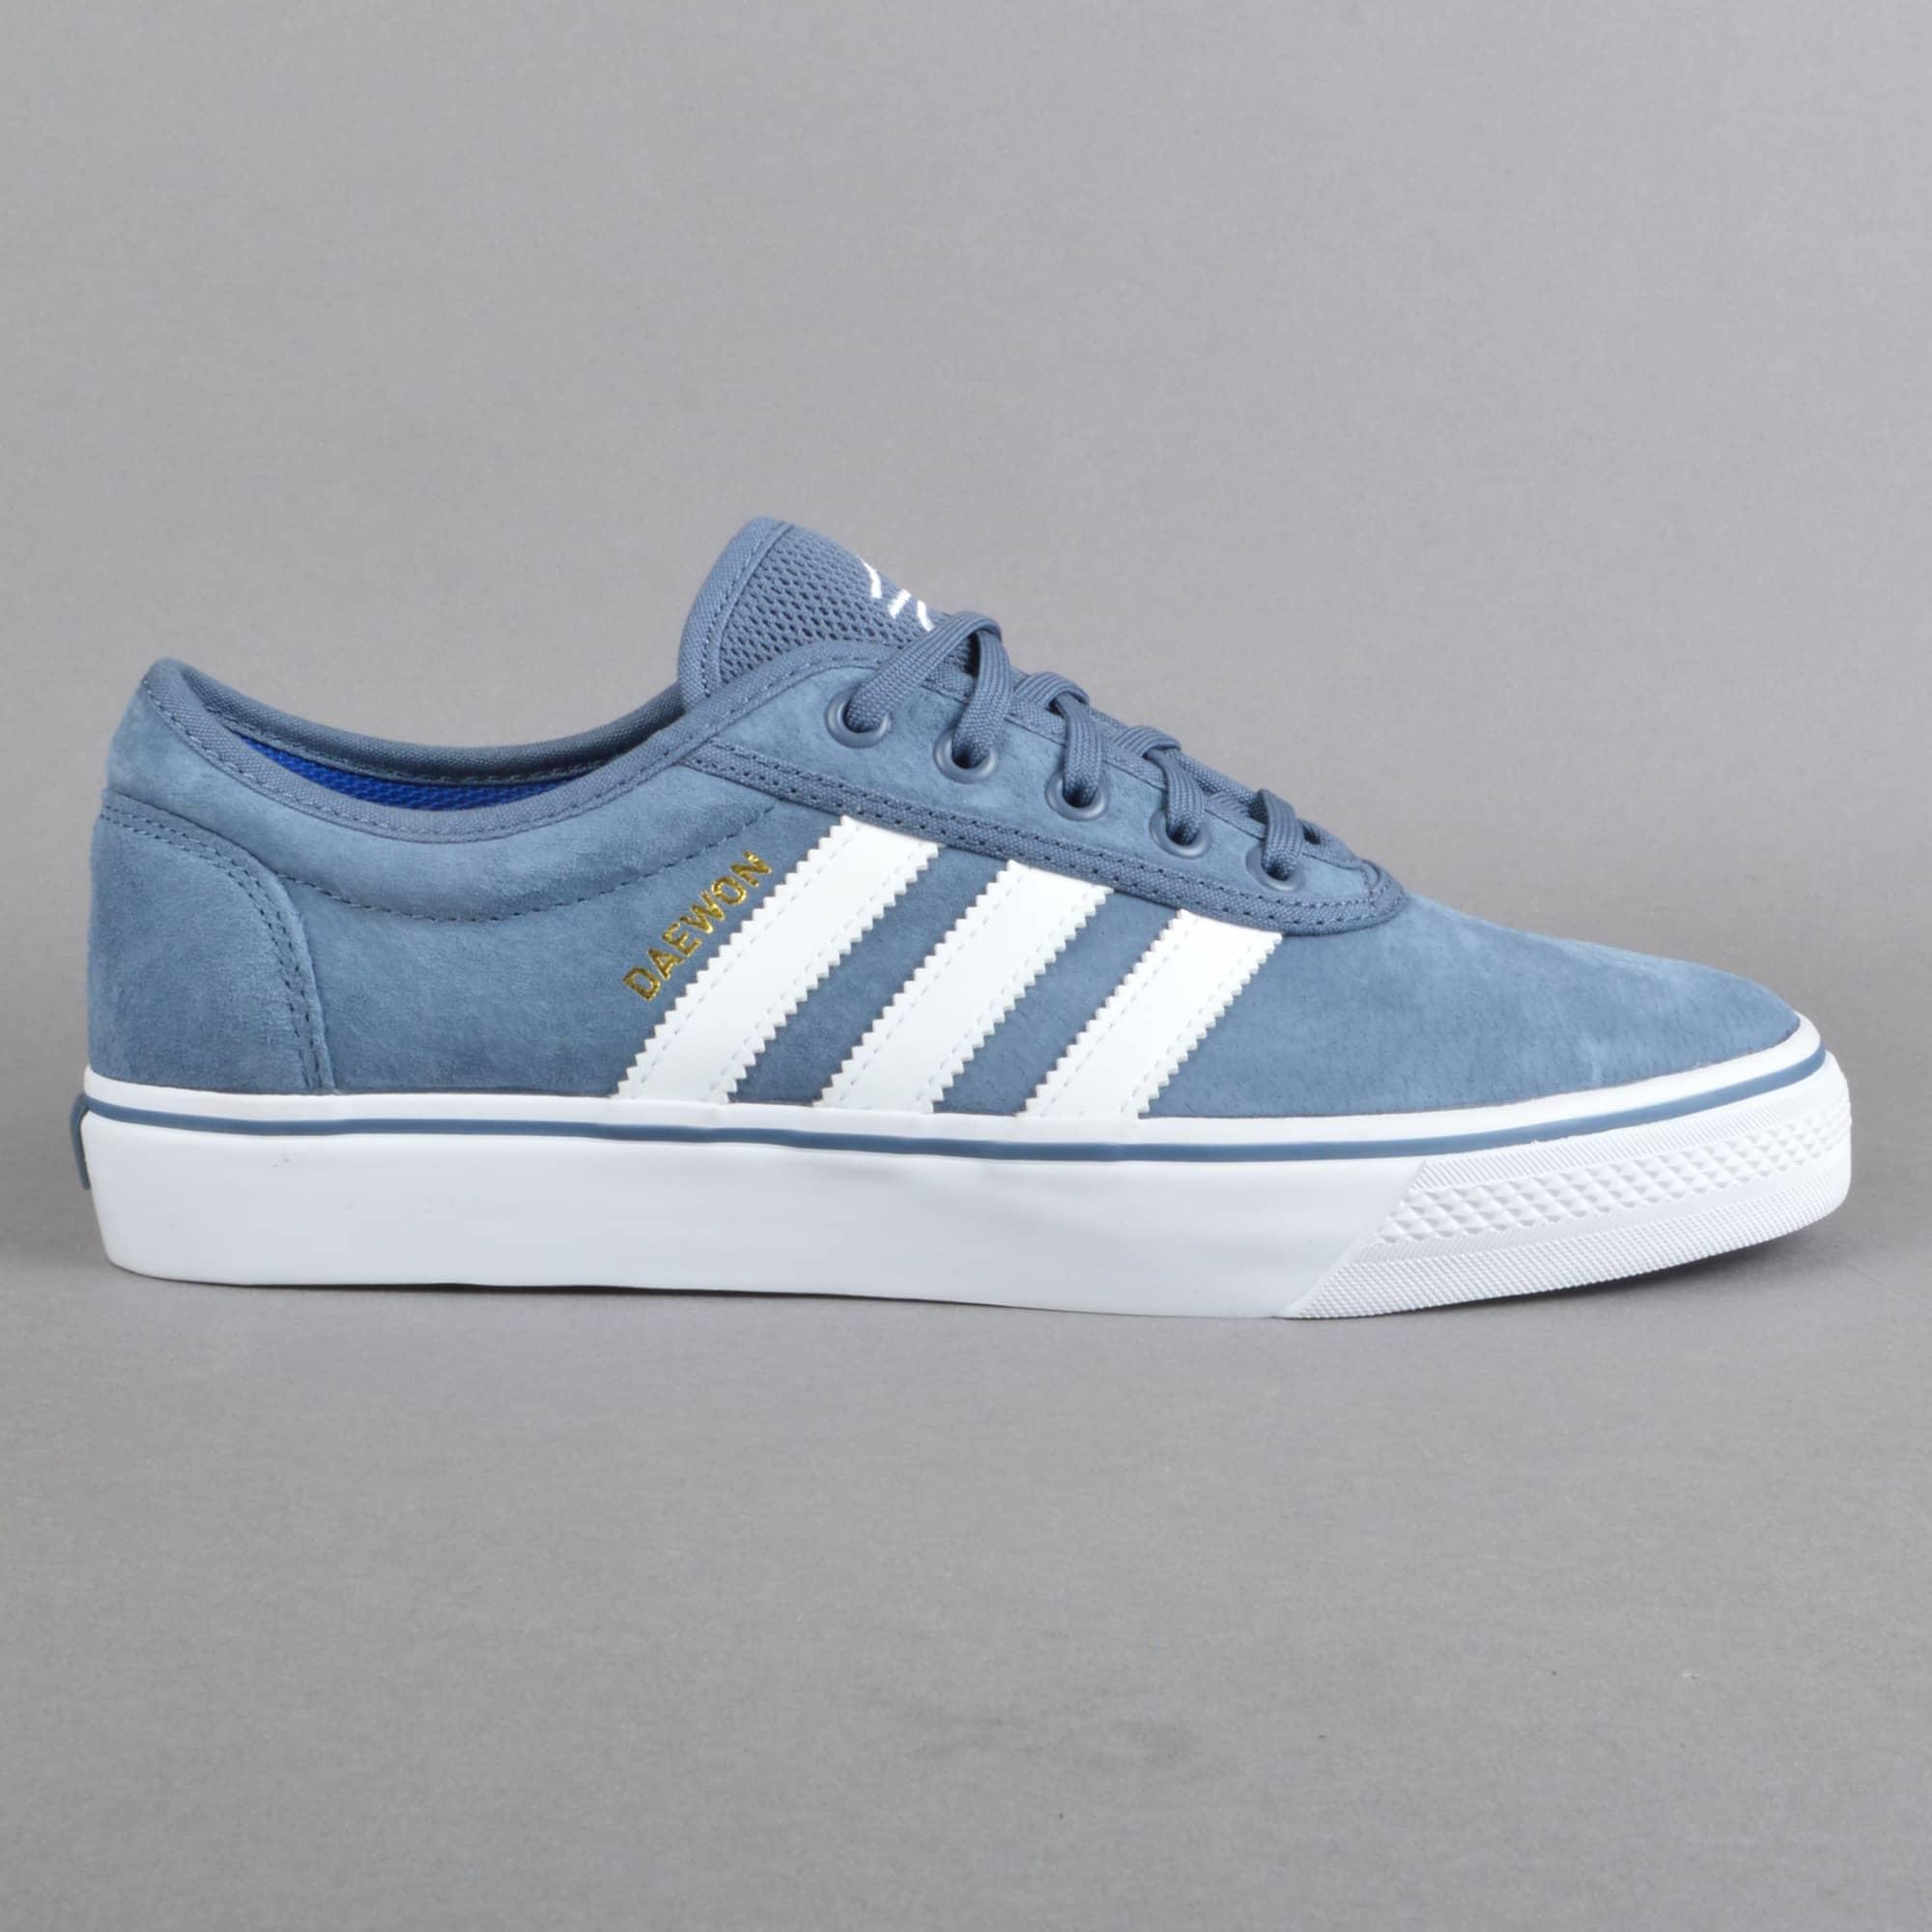 Adidas Skateboarding Adi-Ease Skate Shoes - TECINK/FTWWHT/GOLDMT